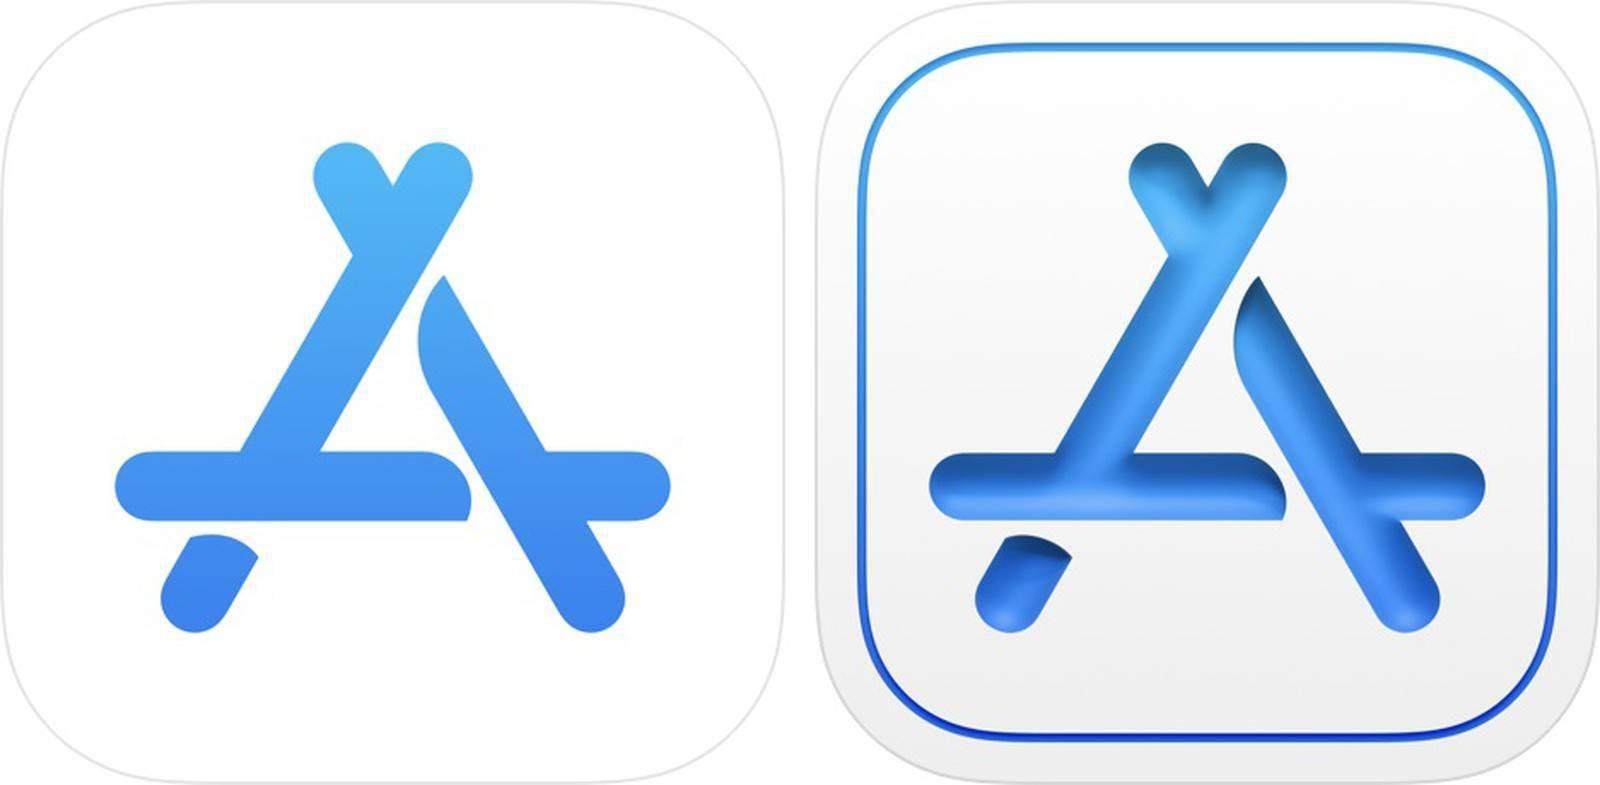 iOS 15原来长这样!苹果官方应用泄露玄机:设计更好看了